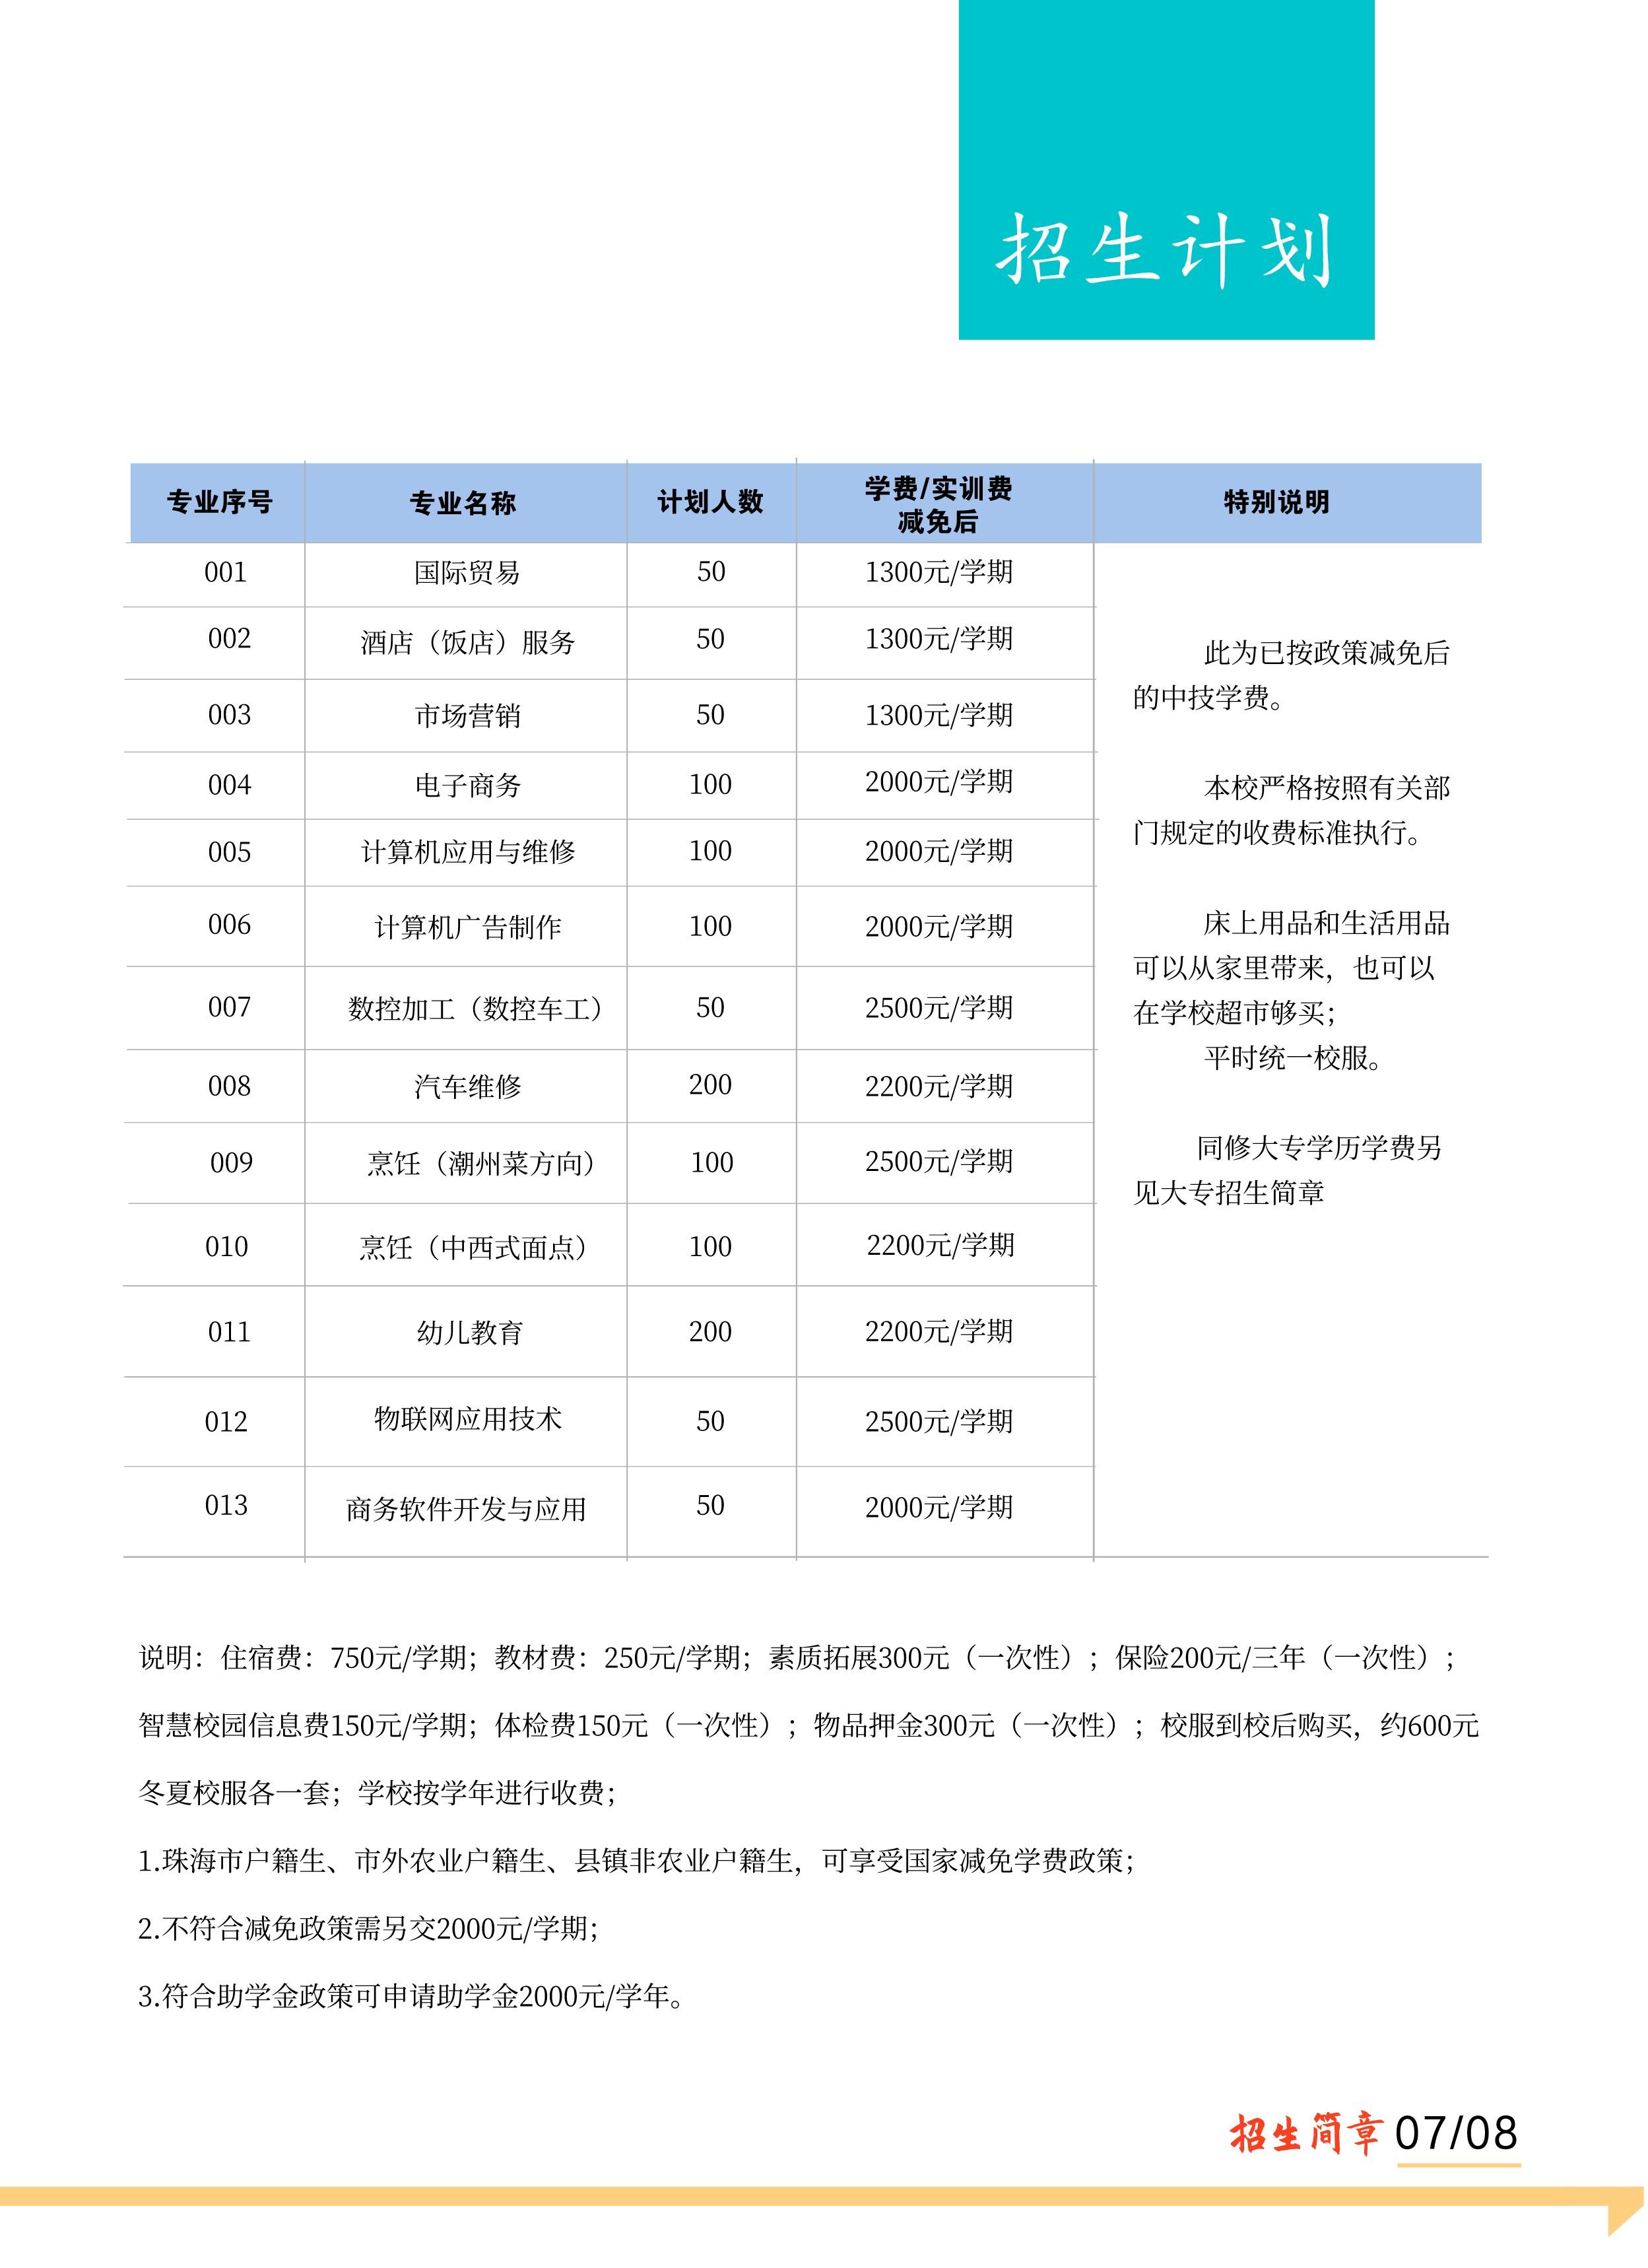 珠海市教育信息网_珠海市工贸技工学校 招生信息 收费标准 zhgmjg.com